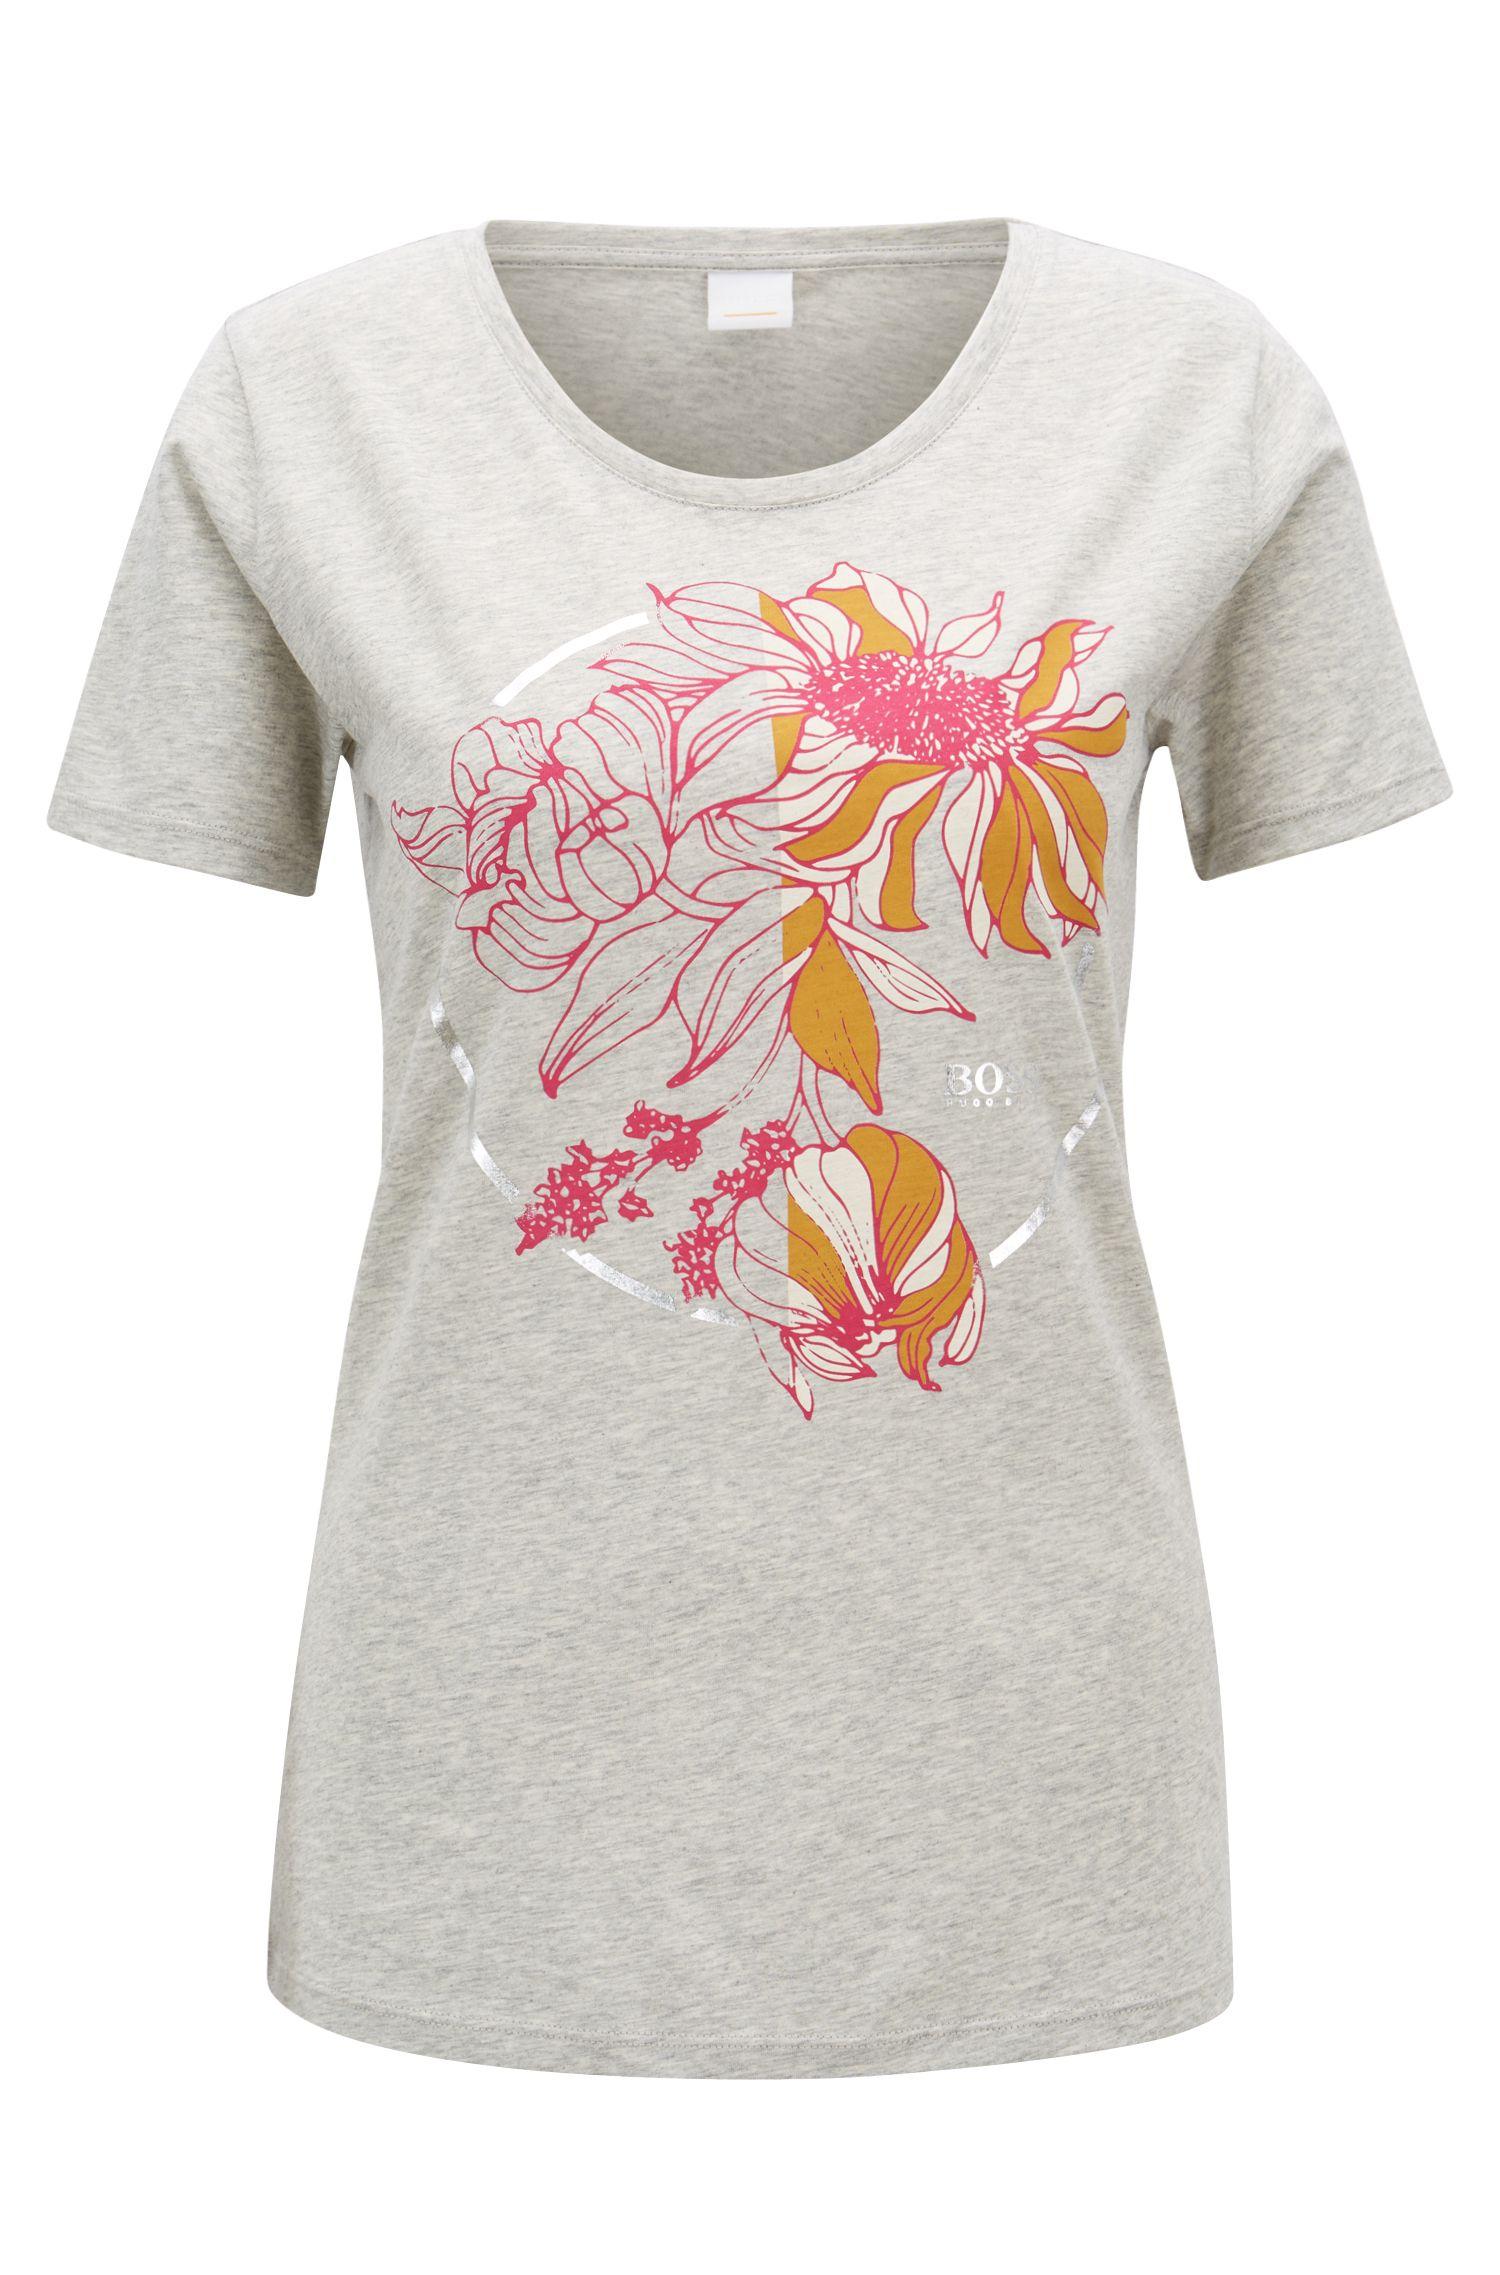 T-Shirt aus Baumwolle mit Blumen-Print, Silber